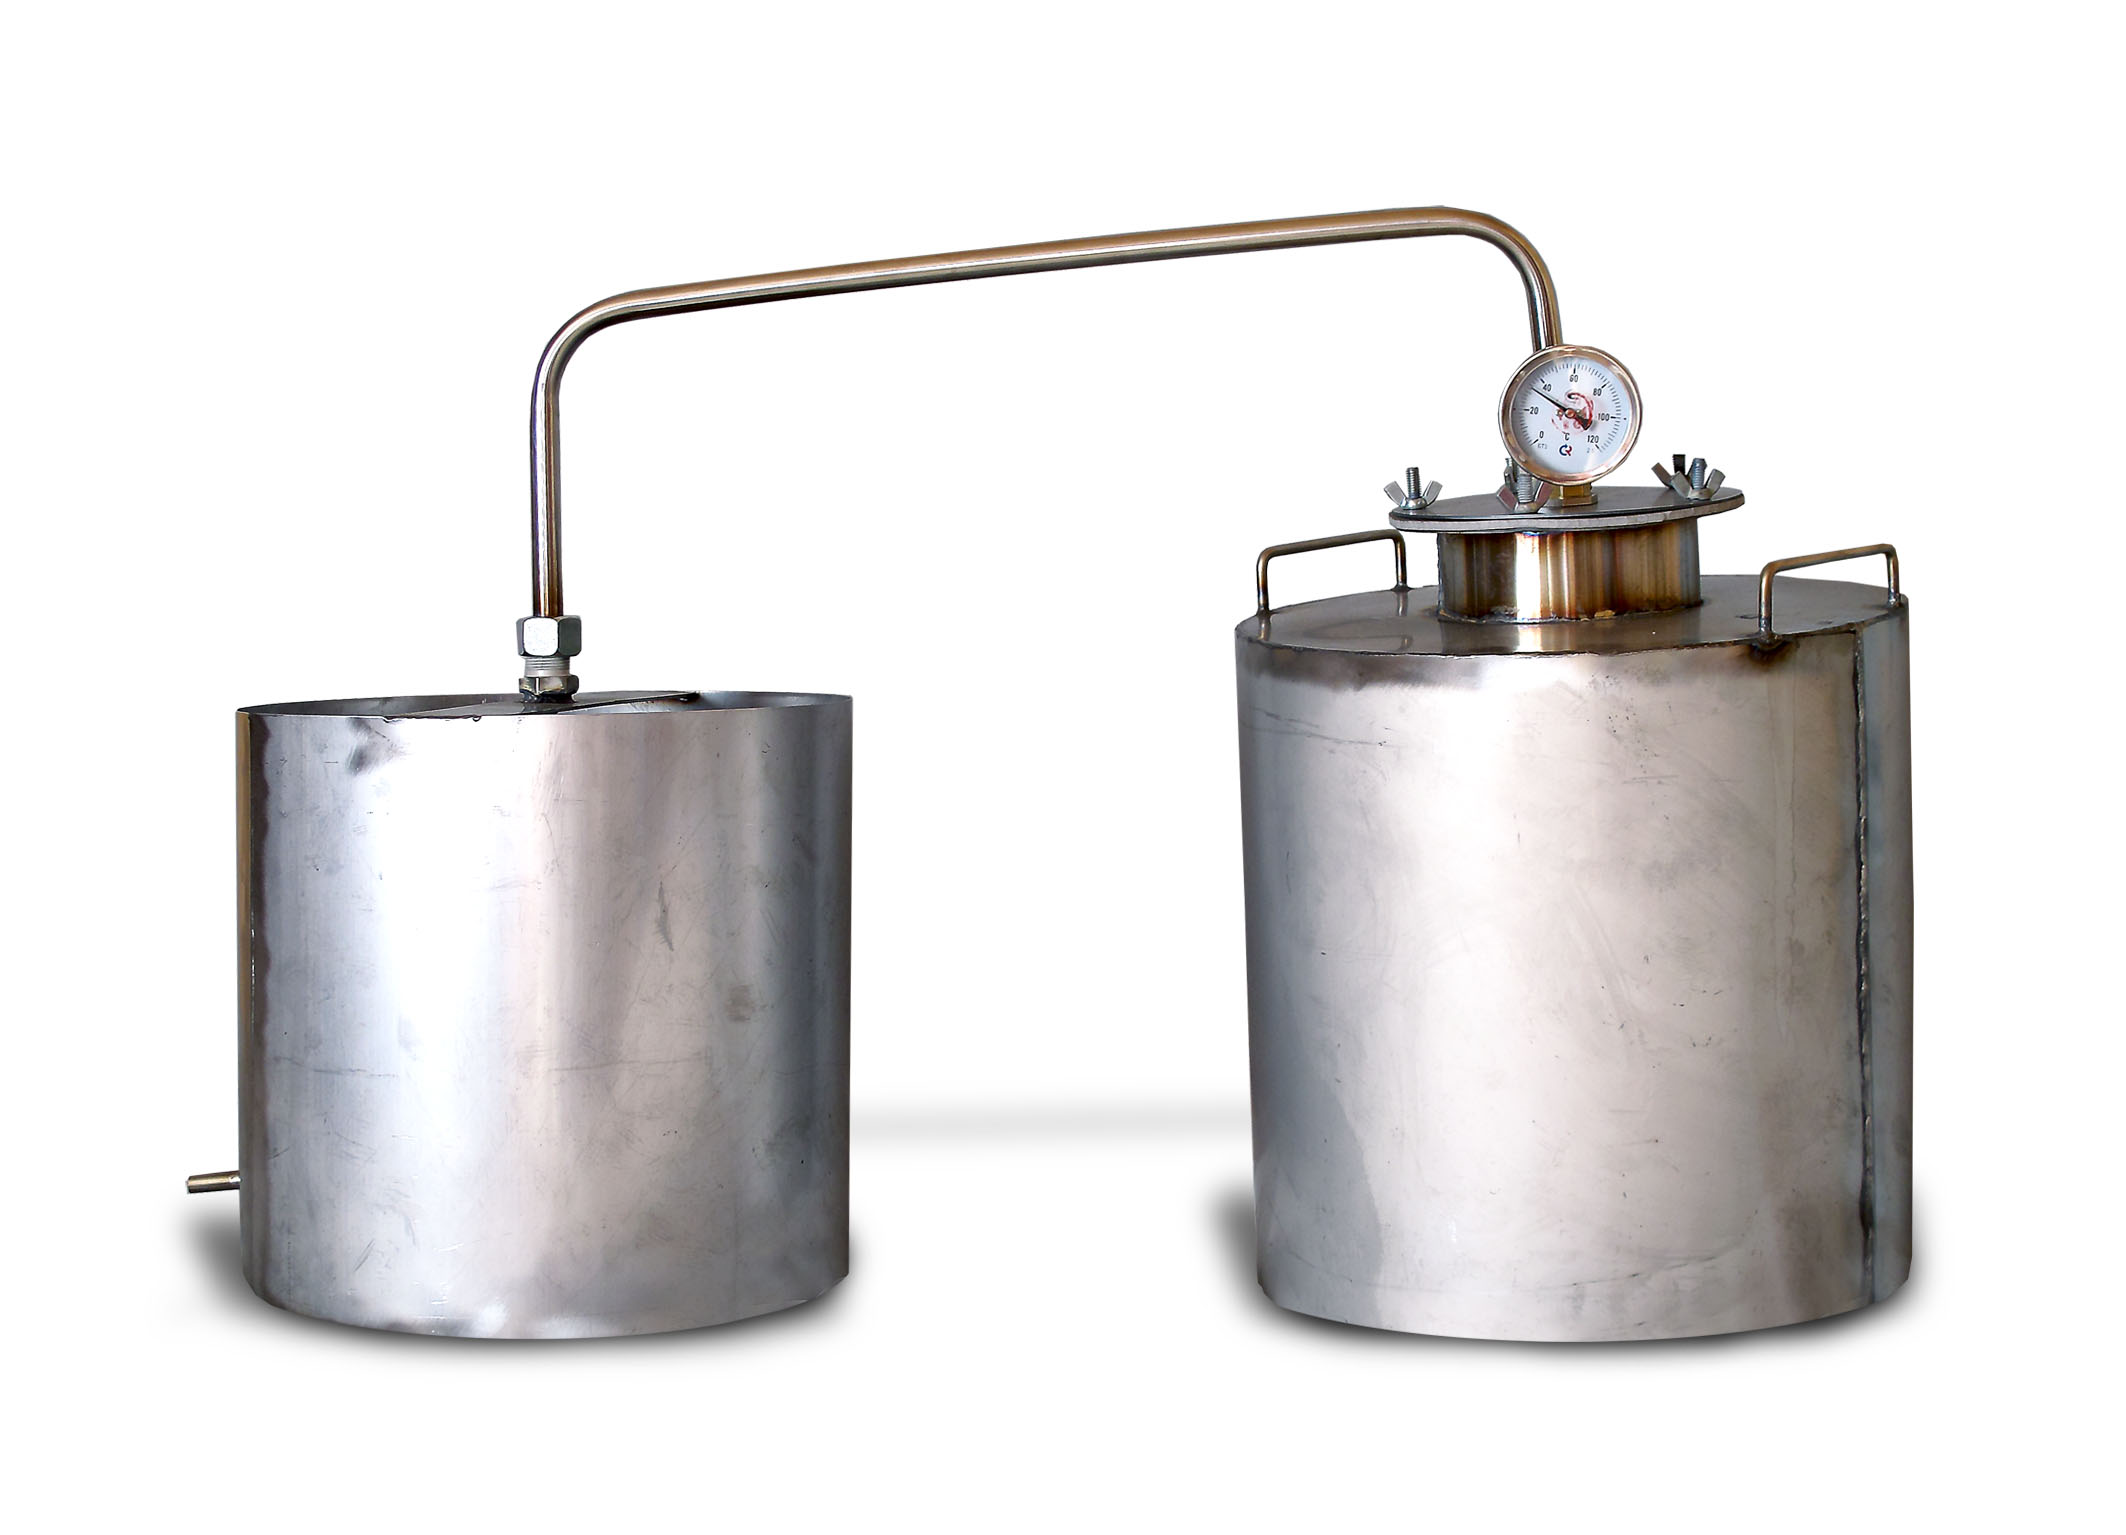 дистилляторы производительность 5 литр час купить в новосибирске